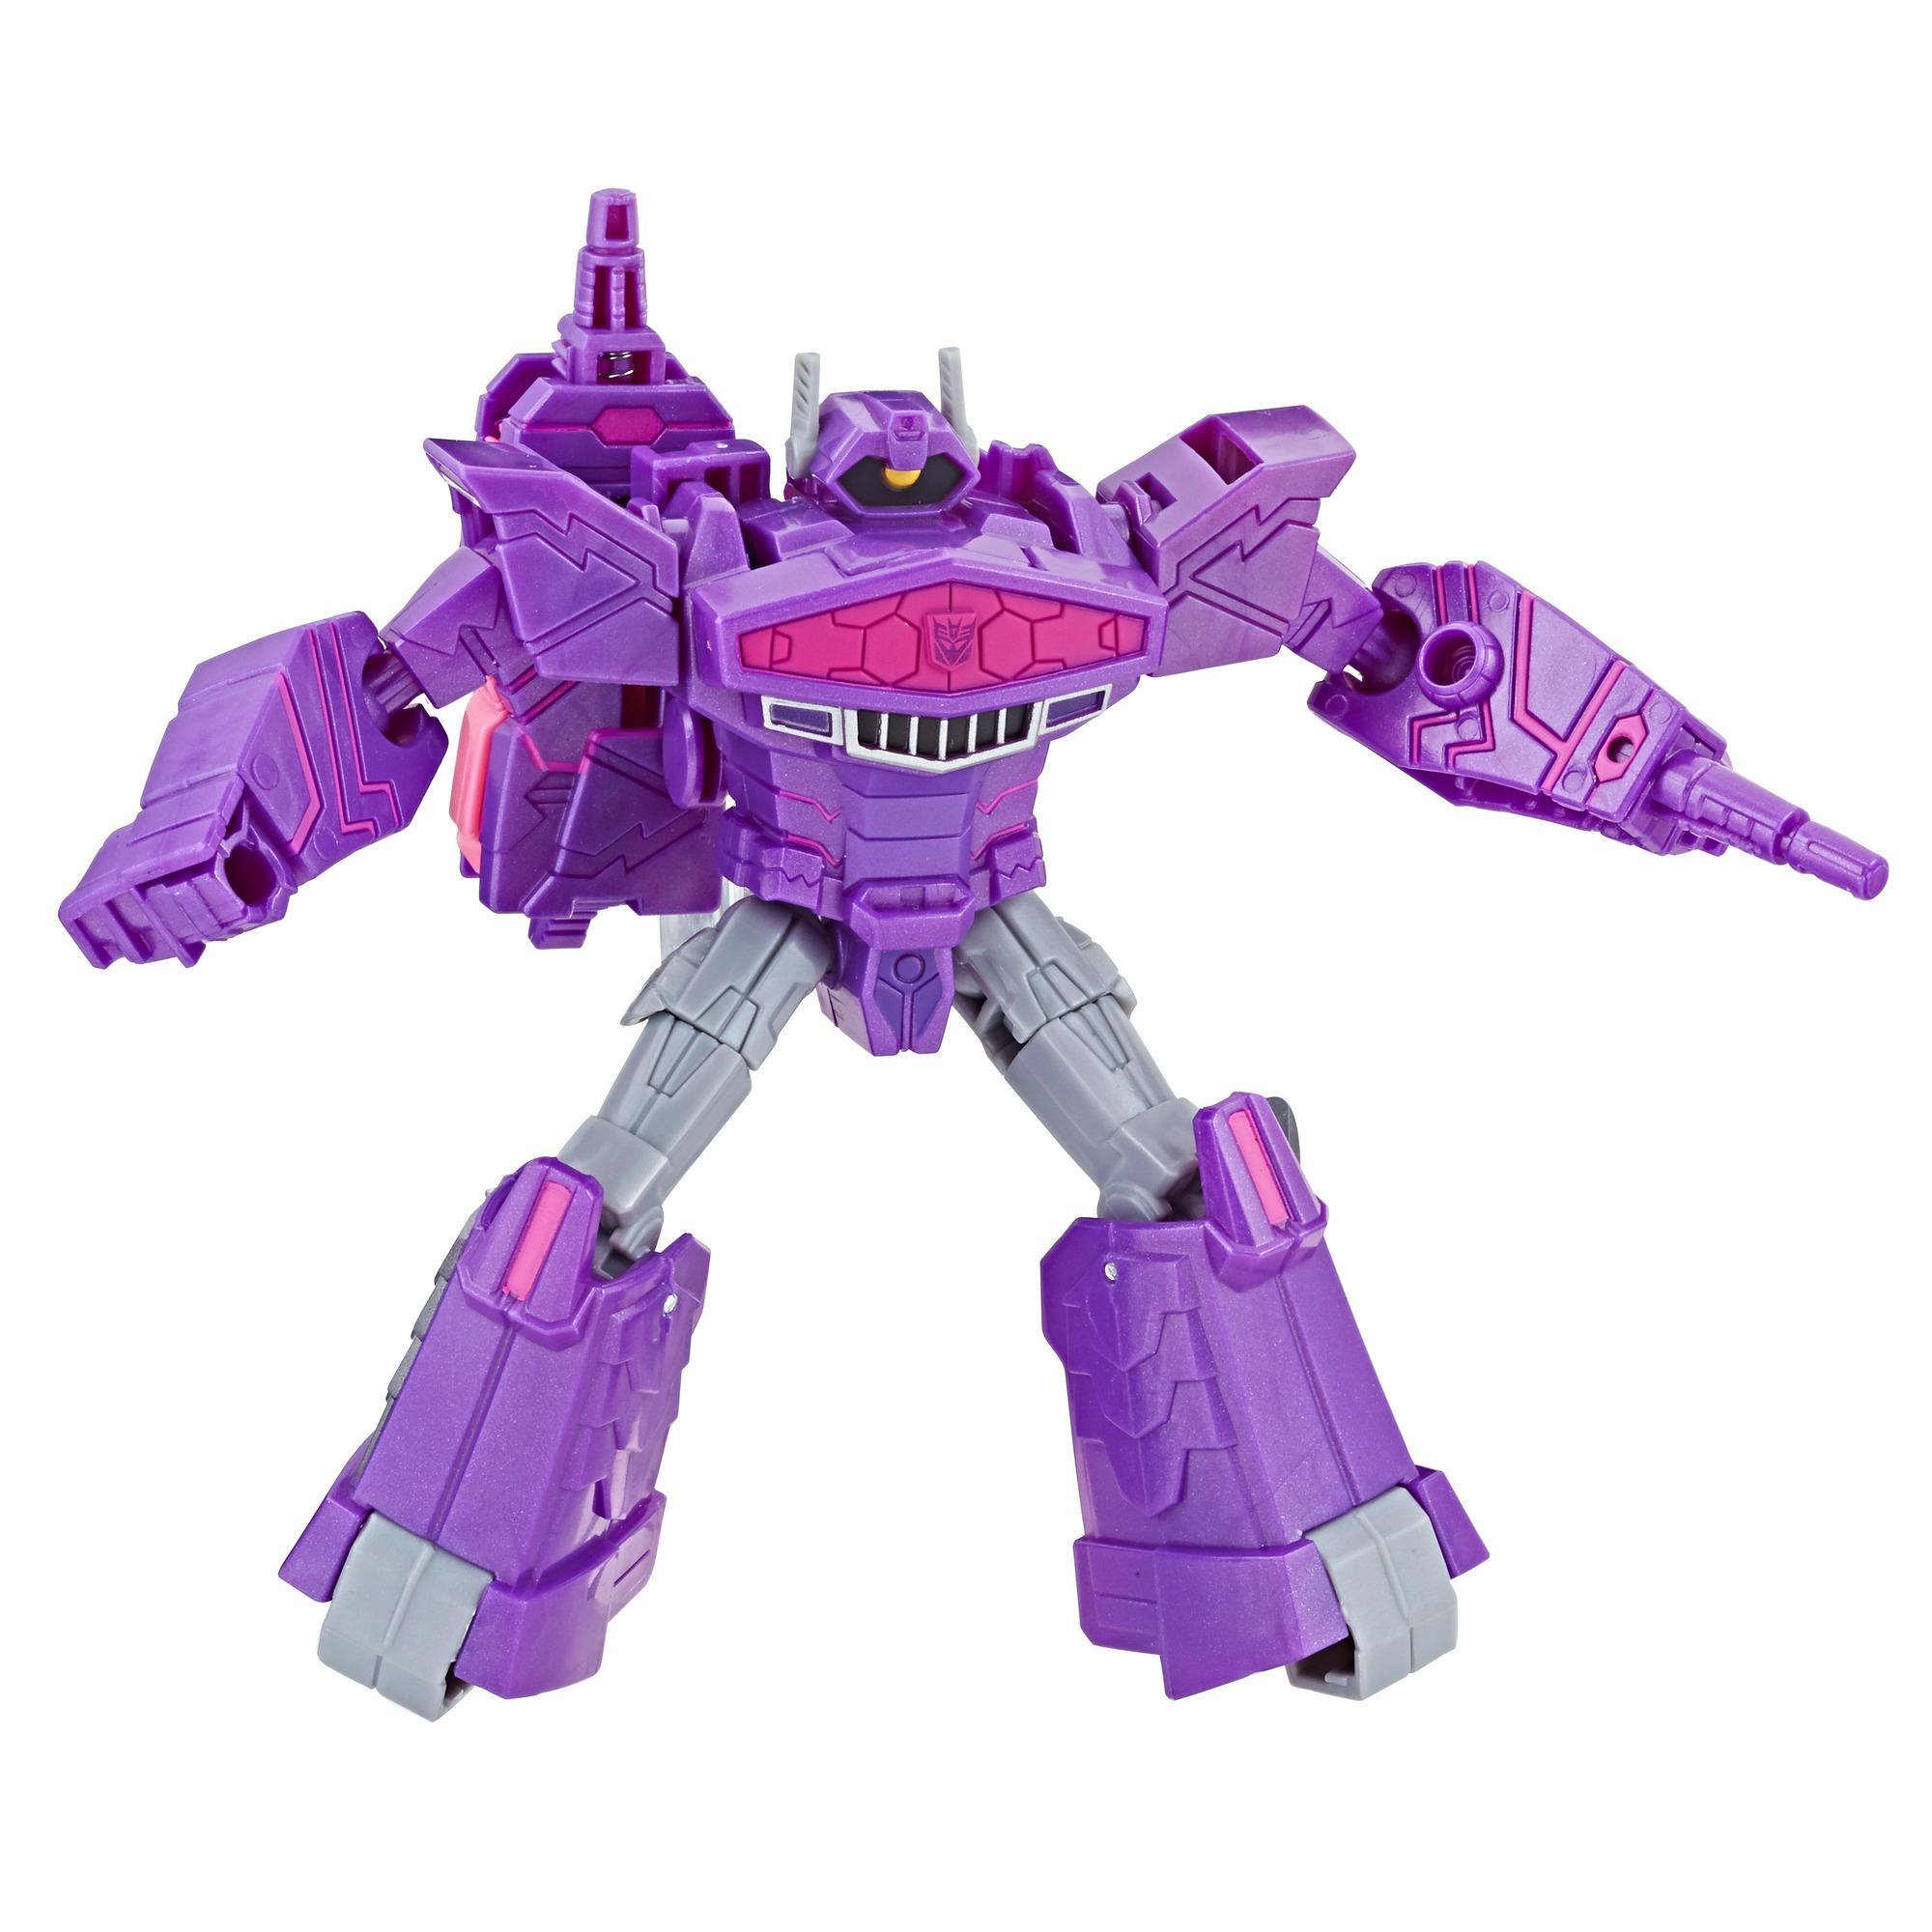 Transformers Bumblebee Cyberverse Adventures, figurine Shockwave Action Attackers de 13,7 cm, classe Guerrier